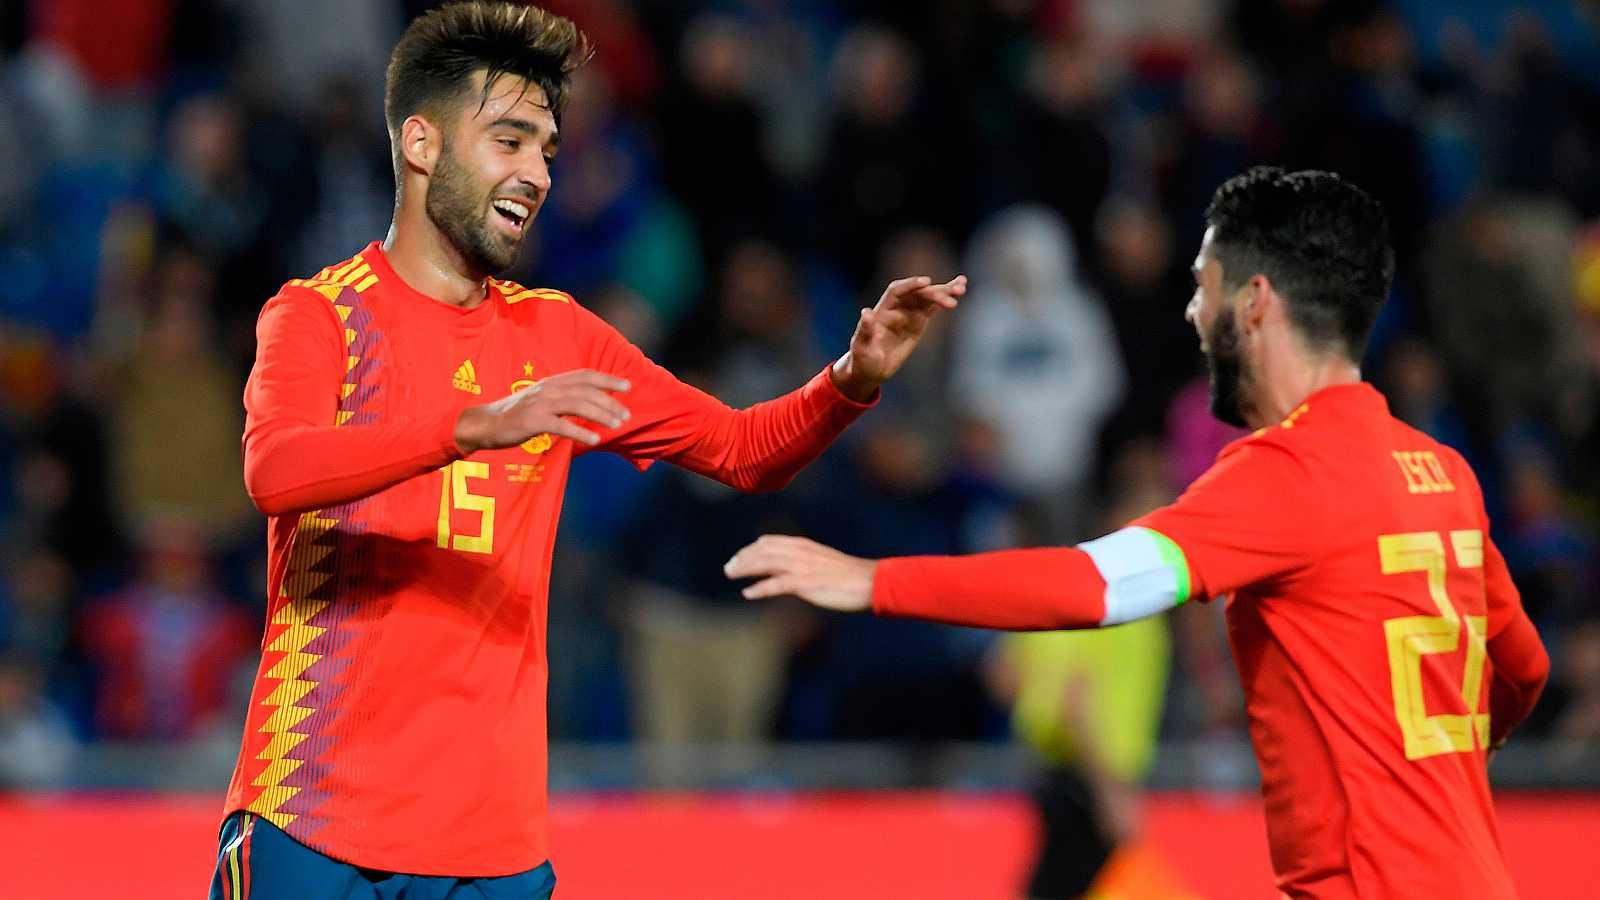 El jugador del Celta de Vigo Brais Méndez ha marcado en su primer partido con la selección española, al rematar a la red el rechace de un disparo de Isco.